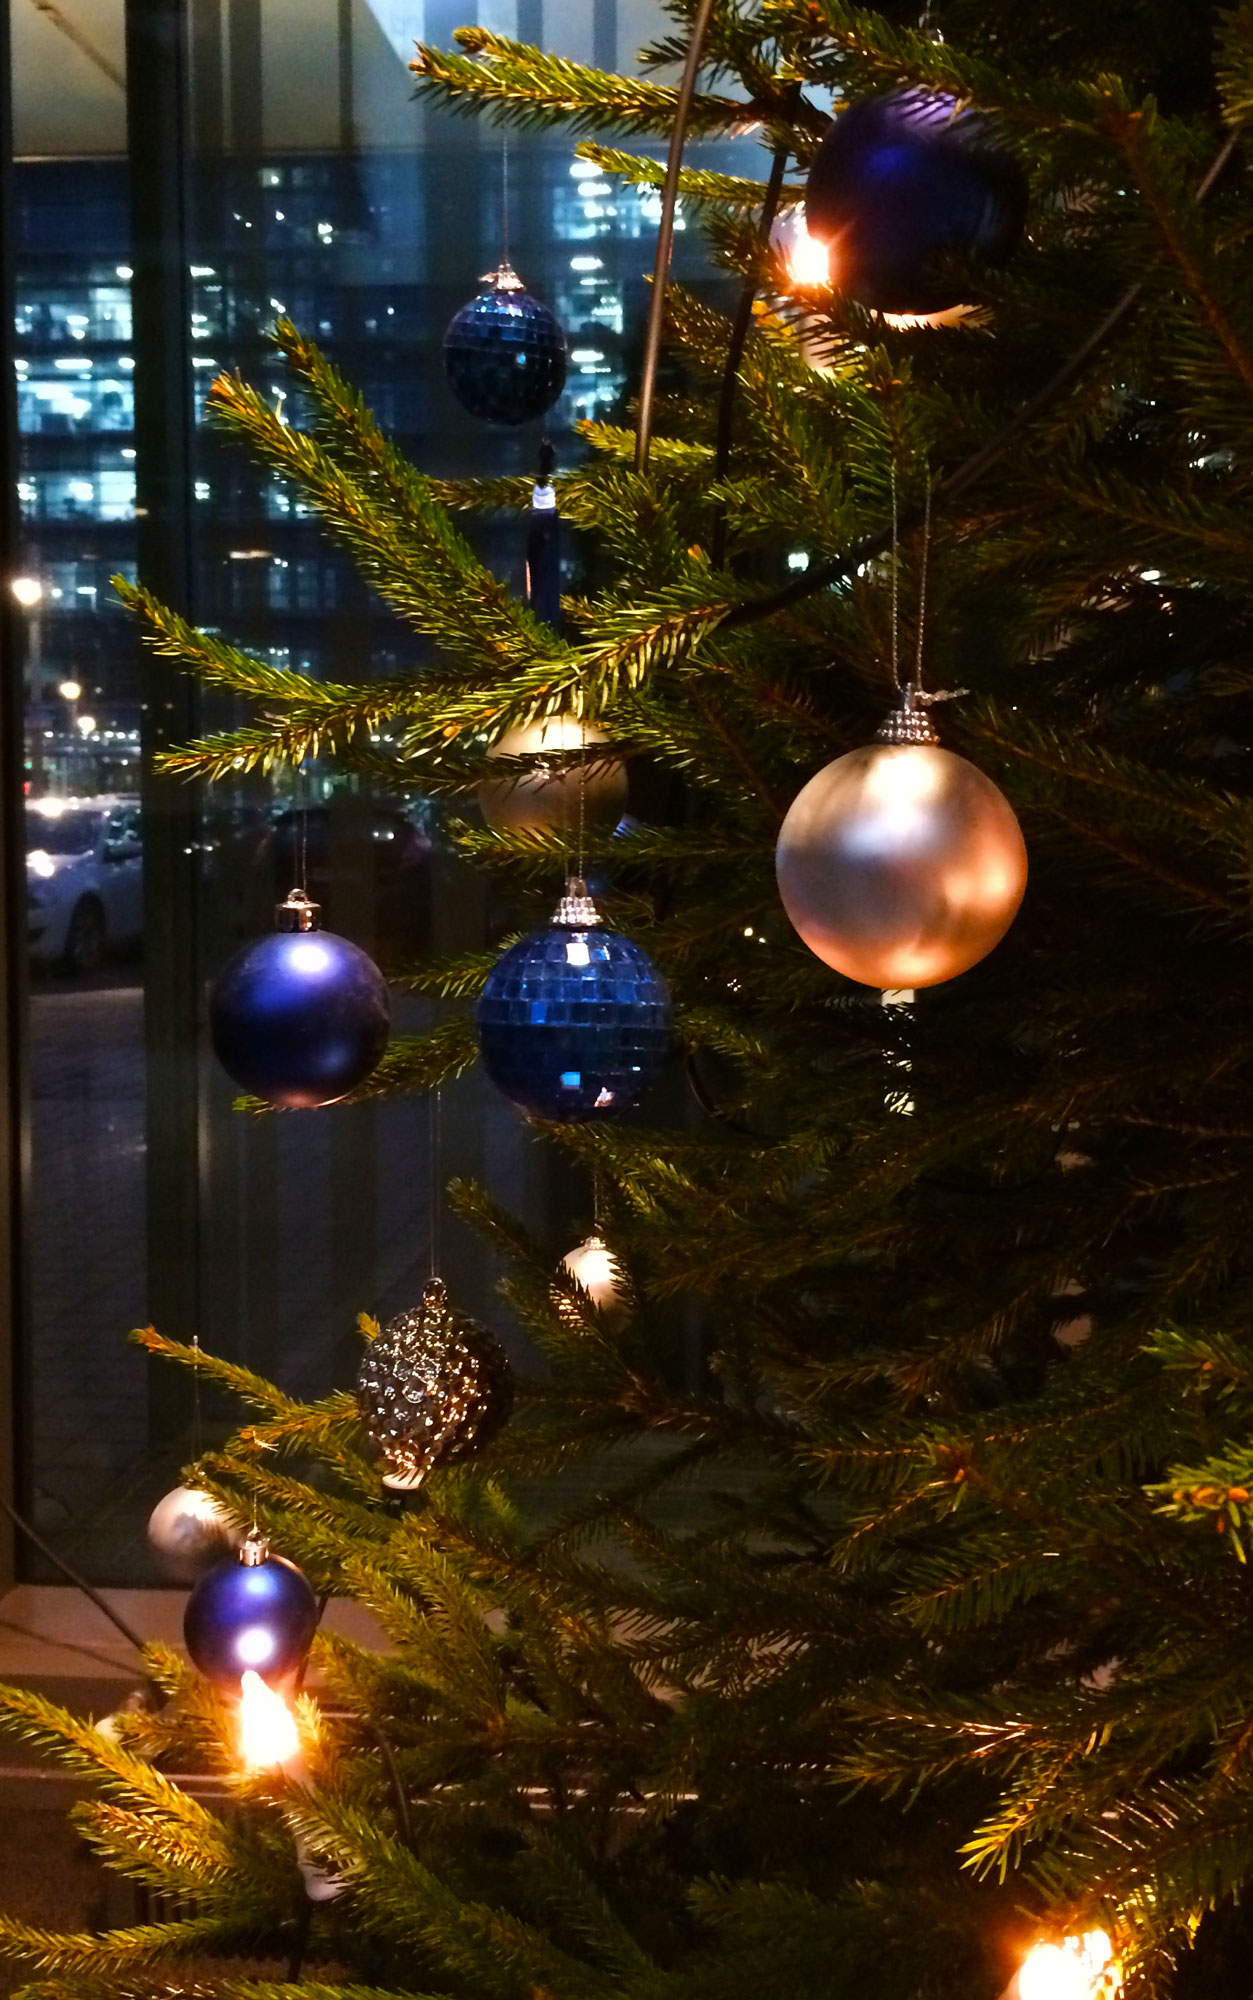 Decorate the christmas tree fa la la la - Fa La La La La La La La Heedless Of The Wind And Weather Fa La La La La La La La Xmas Tree 2